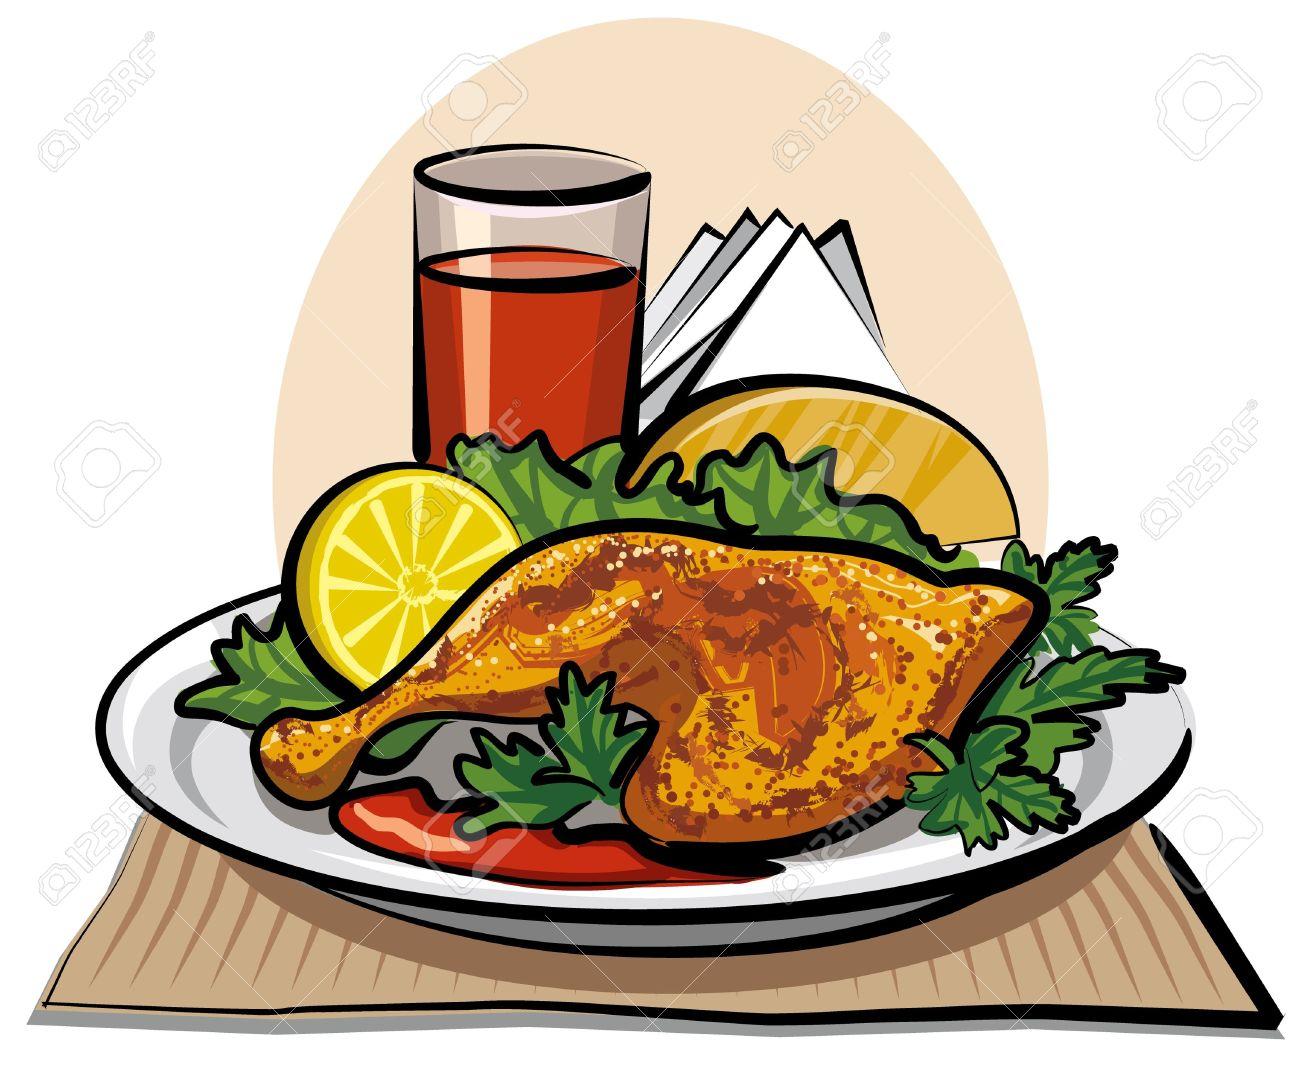 Chicken Dinner Cliparts.